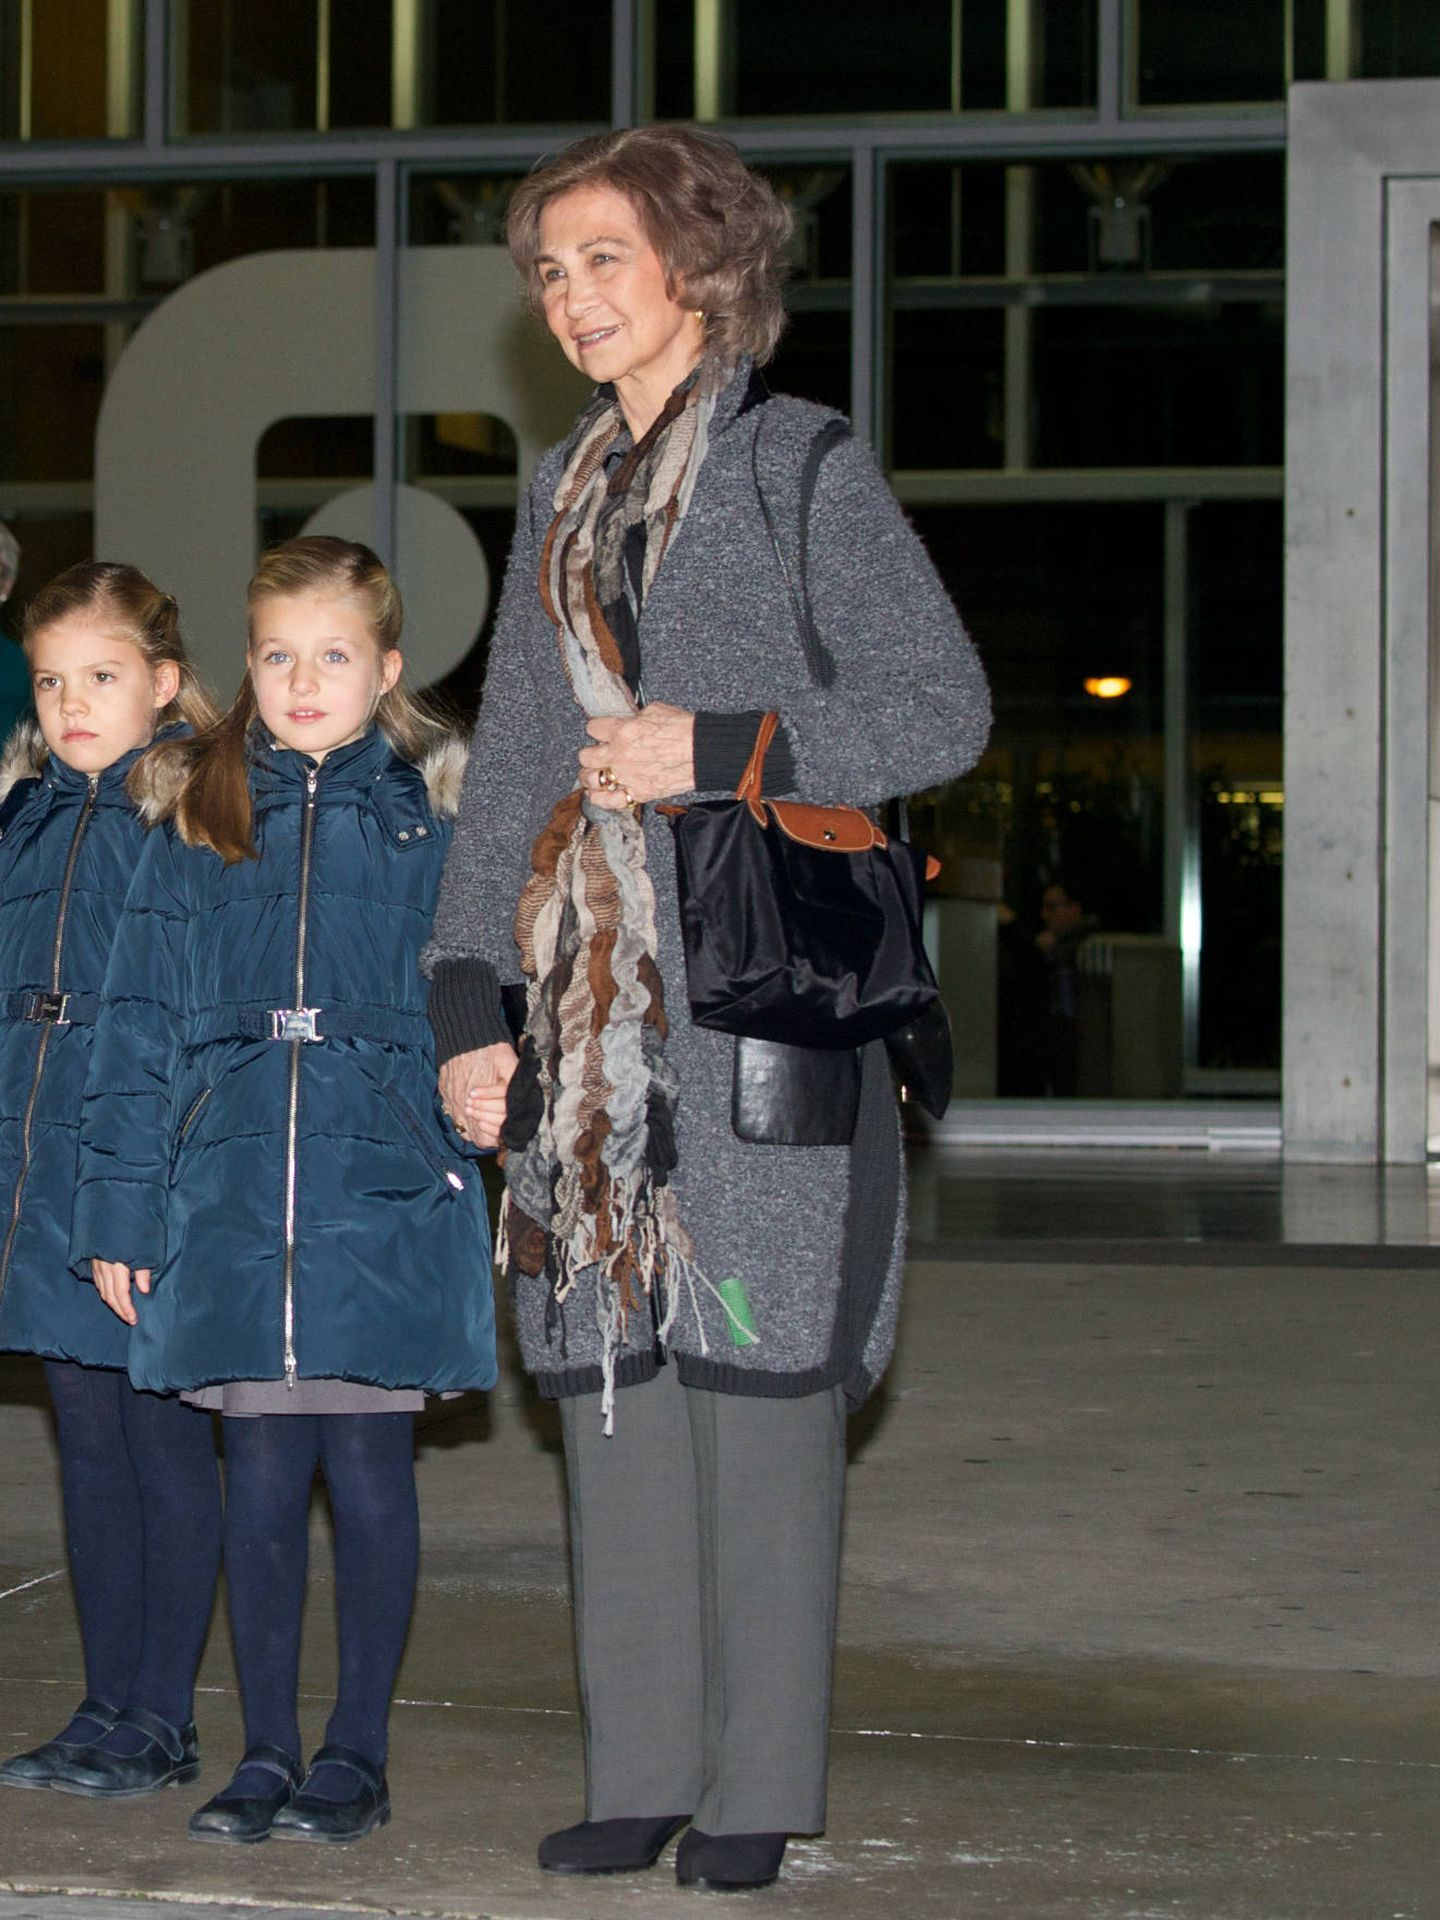 La reina Sofía, con el rulo colgando de su abrigo. (Getty)